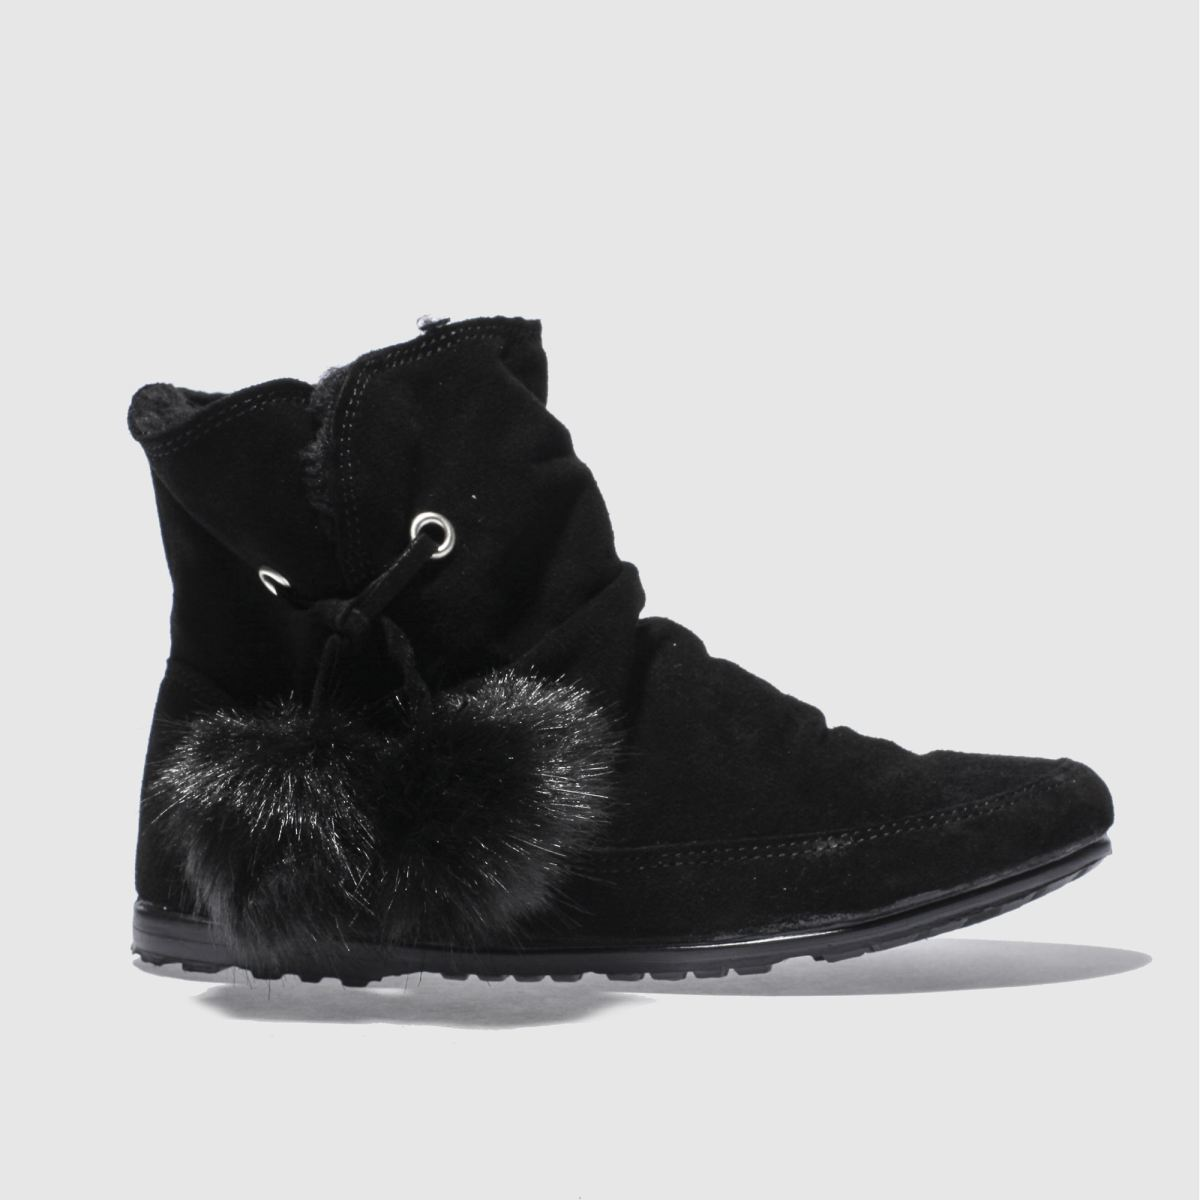 Schuh Black Prime Suspect Boots